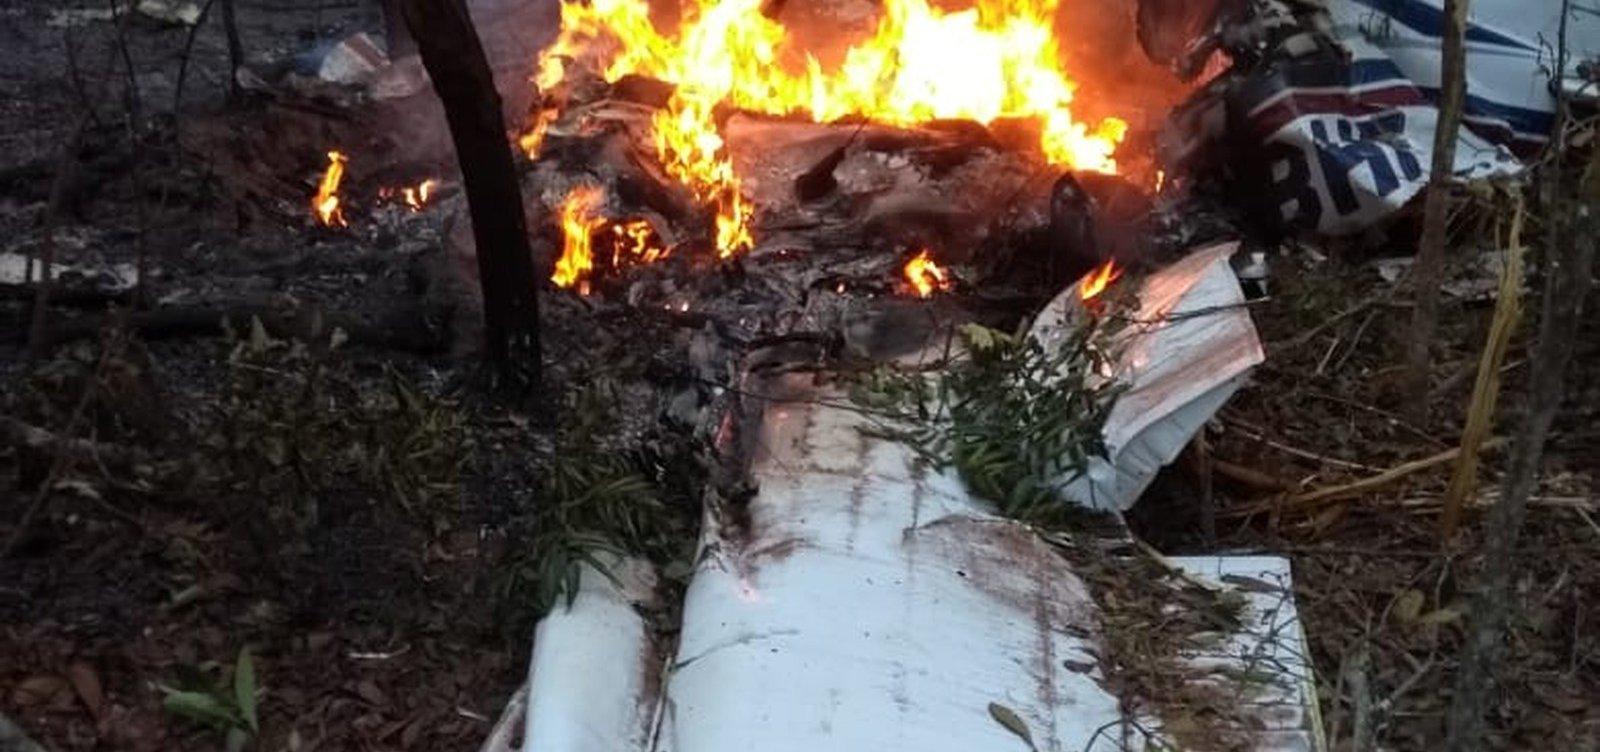 [Médico e esposa morrem em queda de avião no Mato Grosso do Sul]